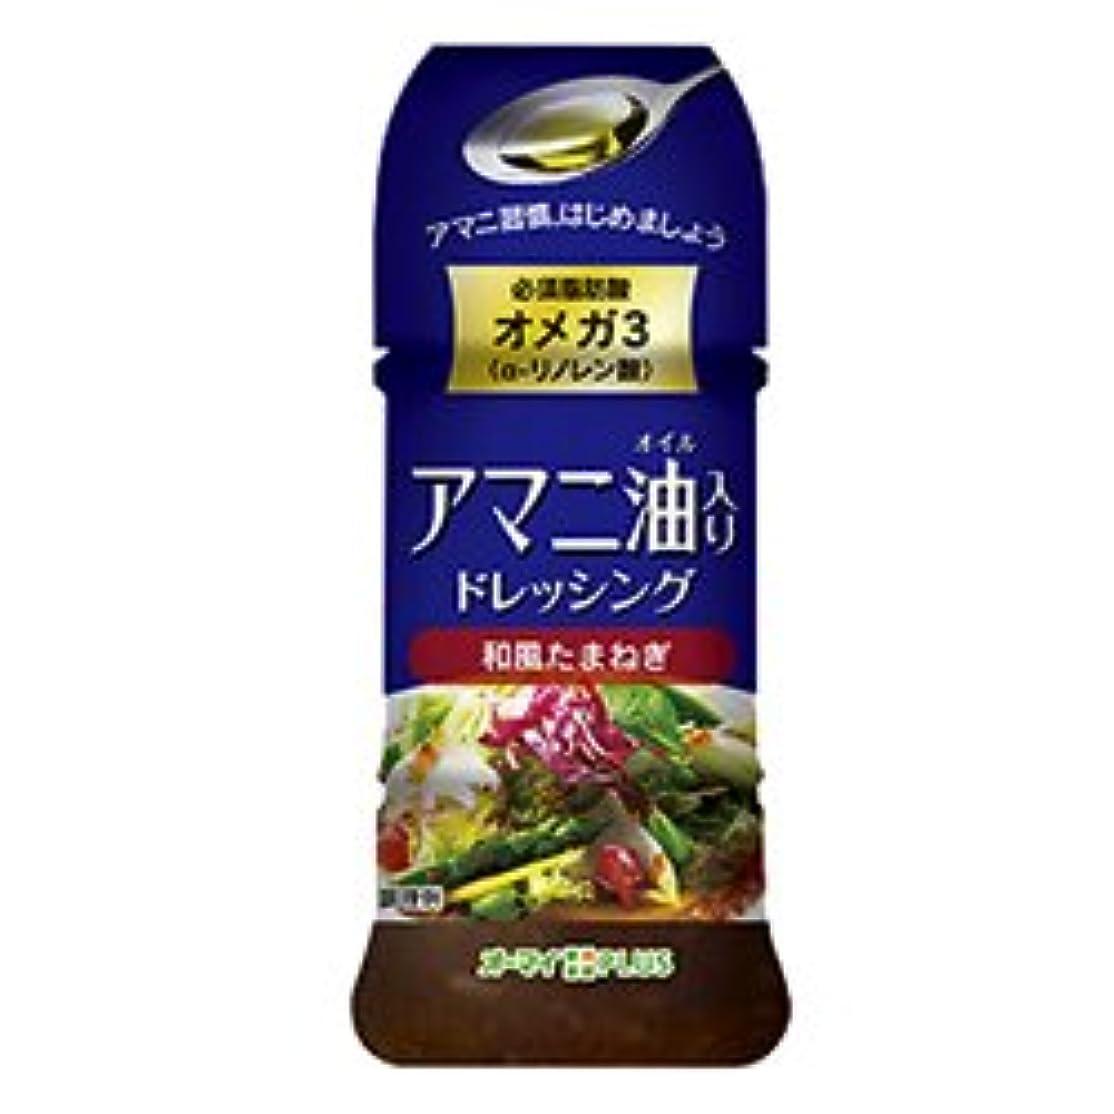 降臨除外するチャレンジアマニ油ドレッシング 和風たまねぎ【5本セット】日本製粉